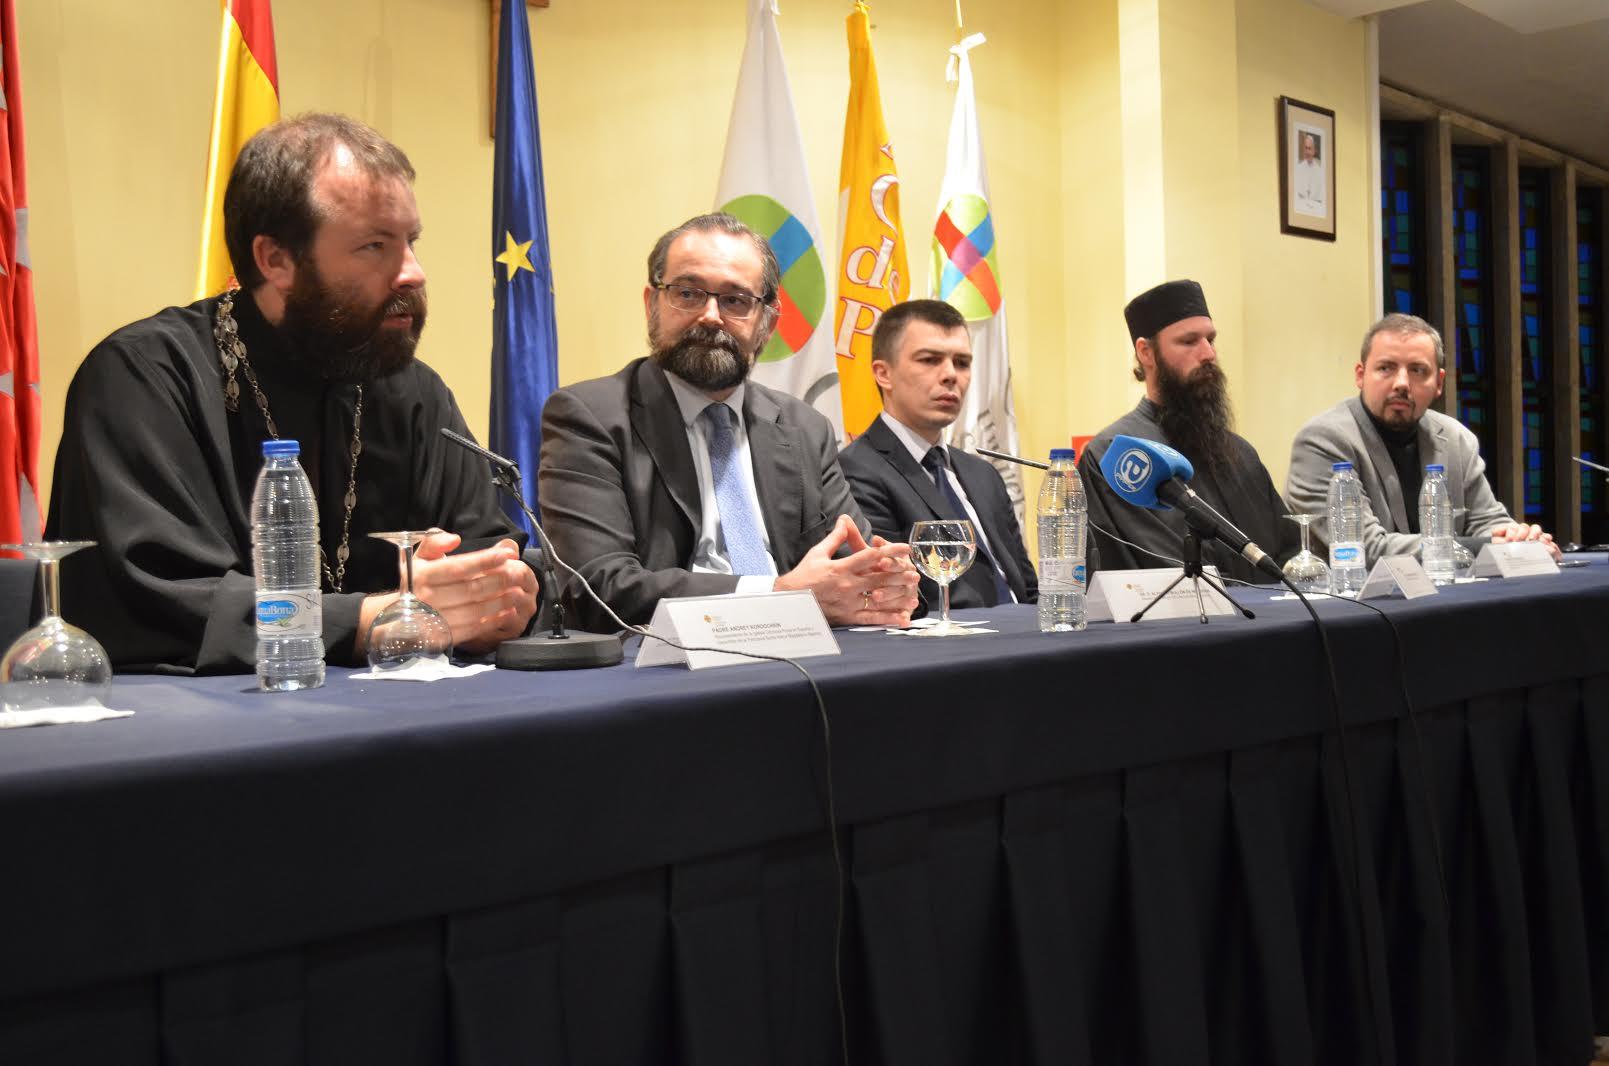 Exministro de Kosovo, contra la intolerancia religiosa en el siglo XXI